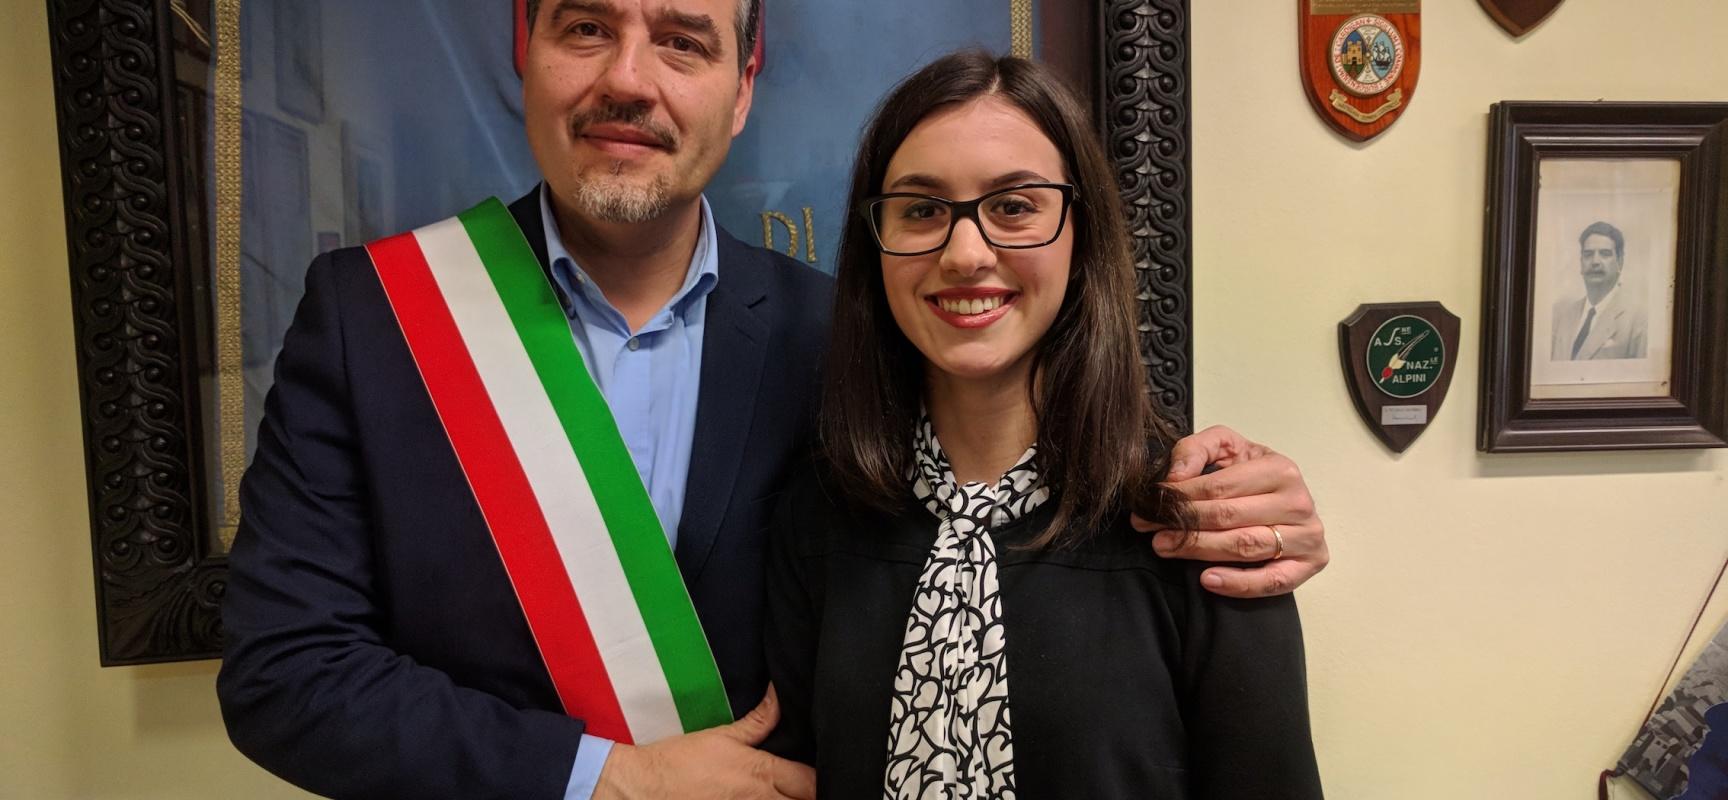 laureata con 110 e lode ricevuta in comune al sindaco Fornaciari